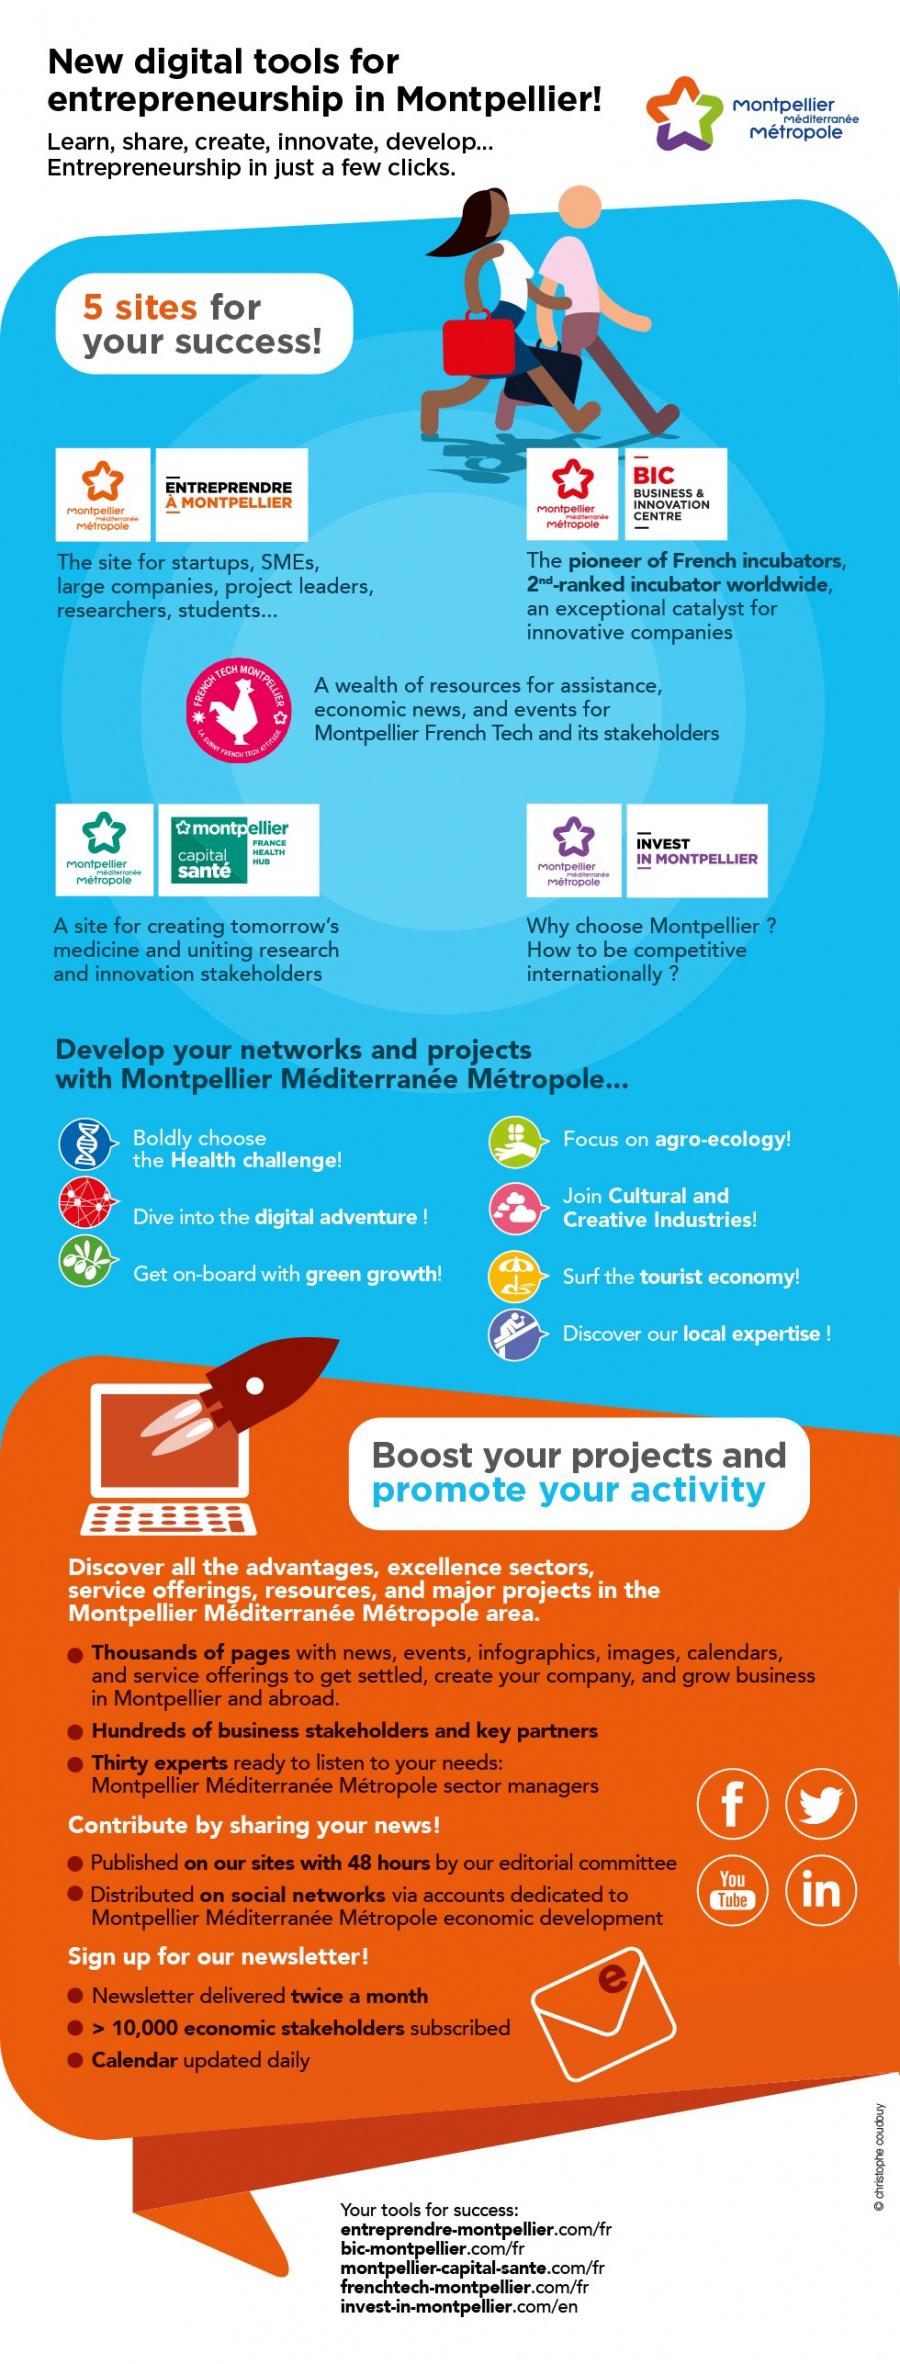 New digital tools for entrepreneurship in Montpellier!